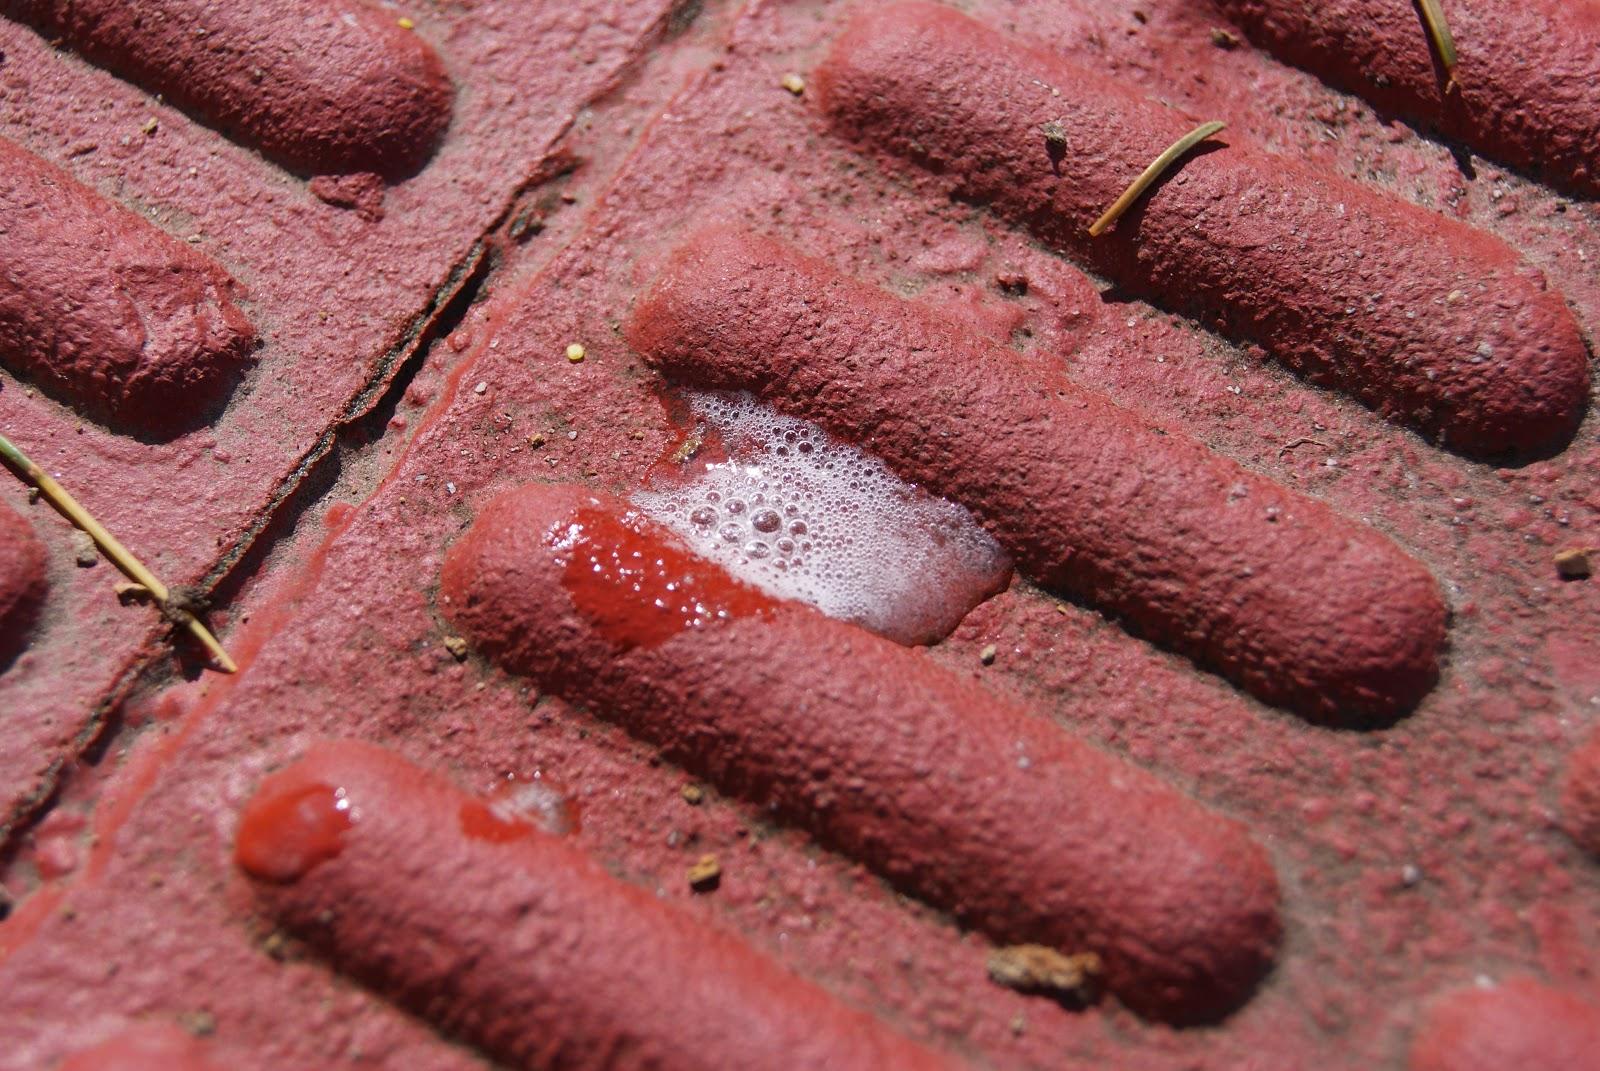 Espuma producida por el salfumant sobre el camino de baldosas